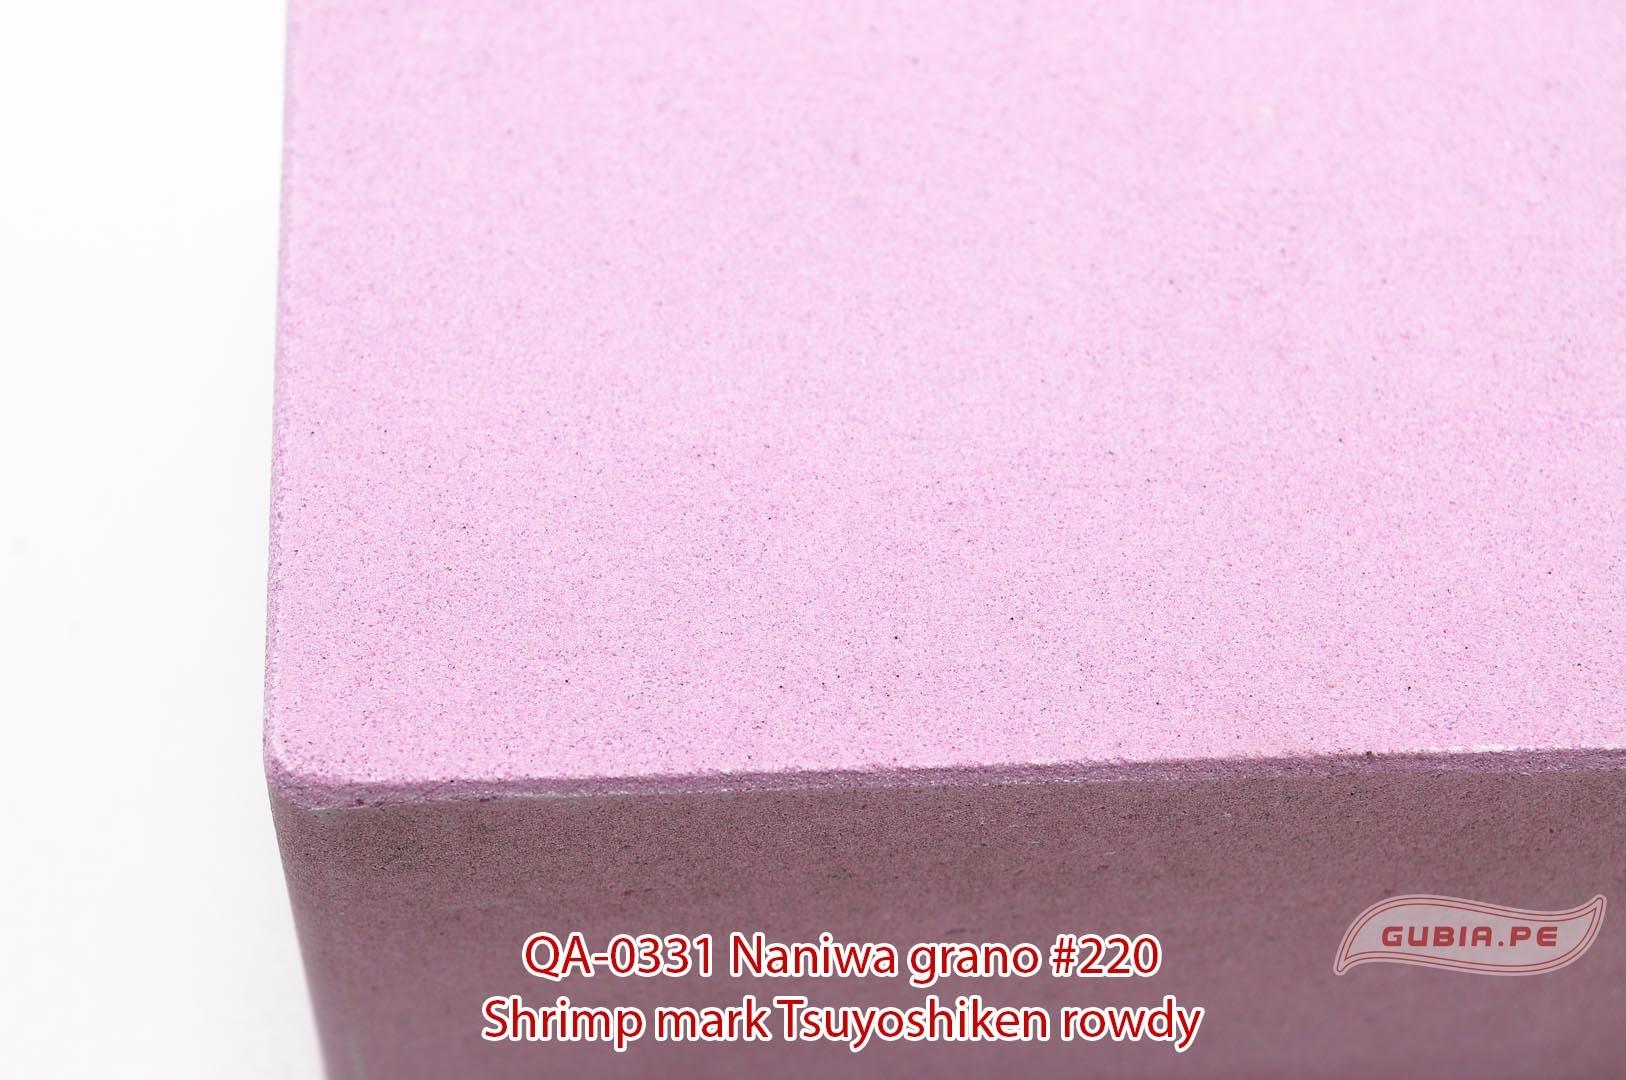 QA-0331-Piedra de afilar reparar filo 220 Tsuyoshiken Naniwa QA-0331-max-3.